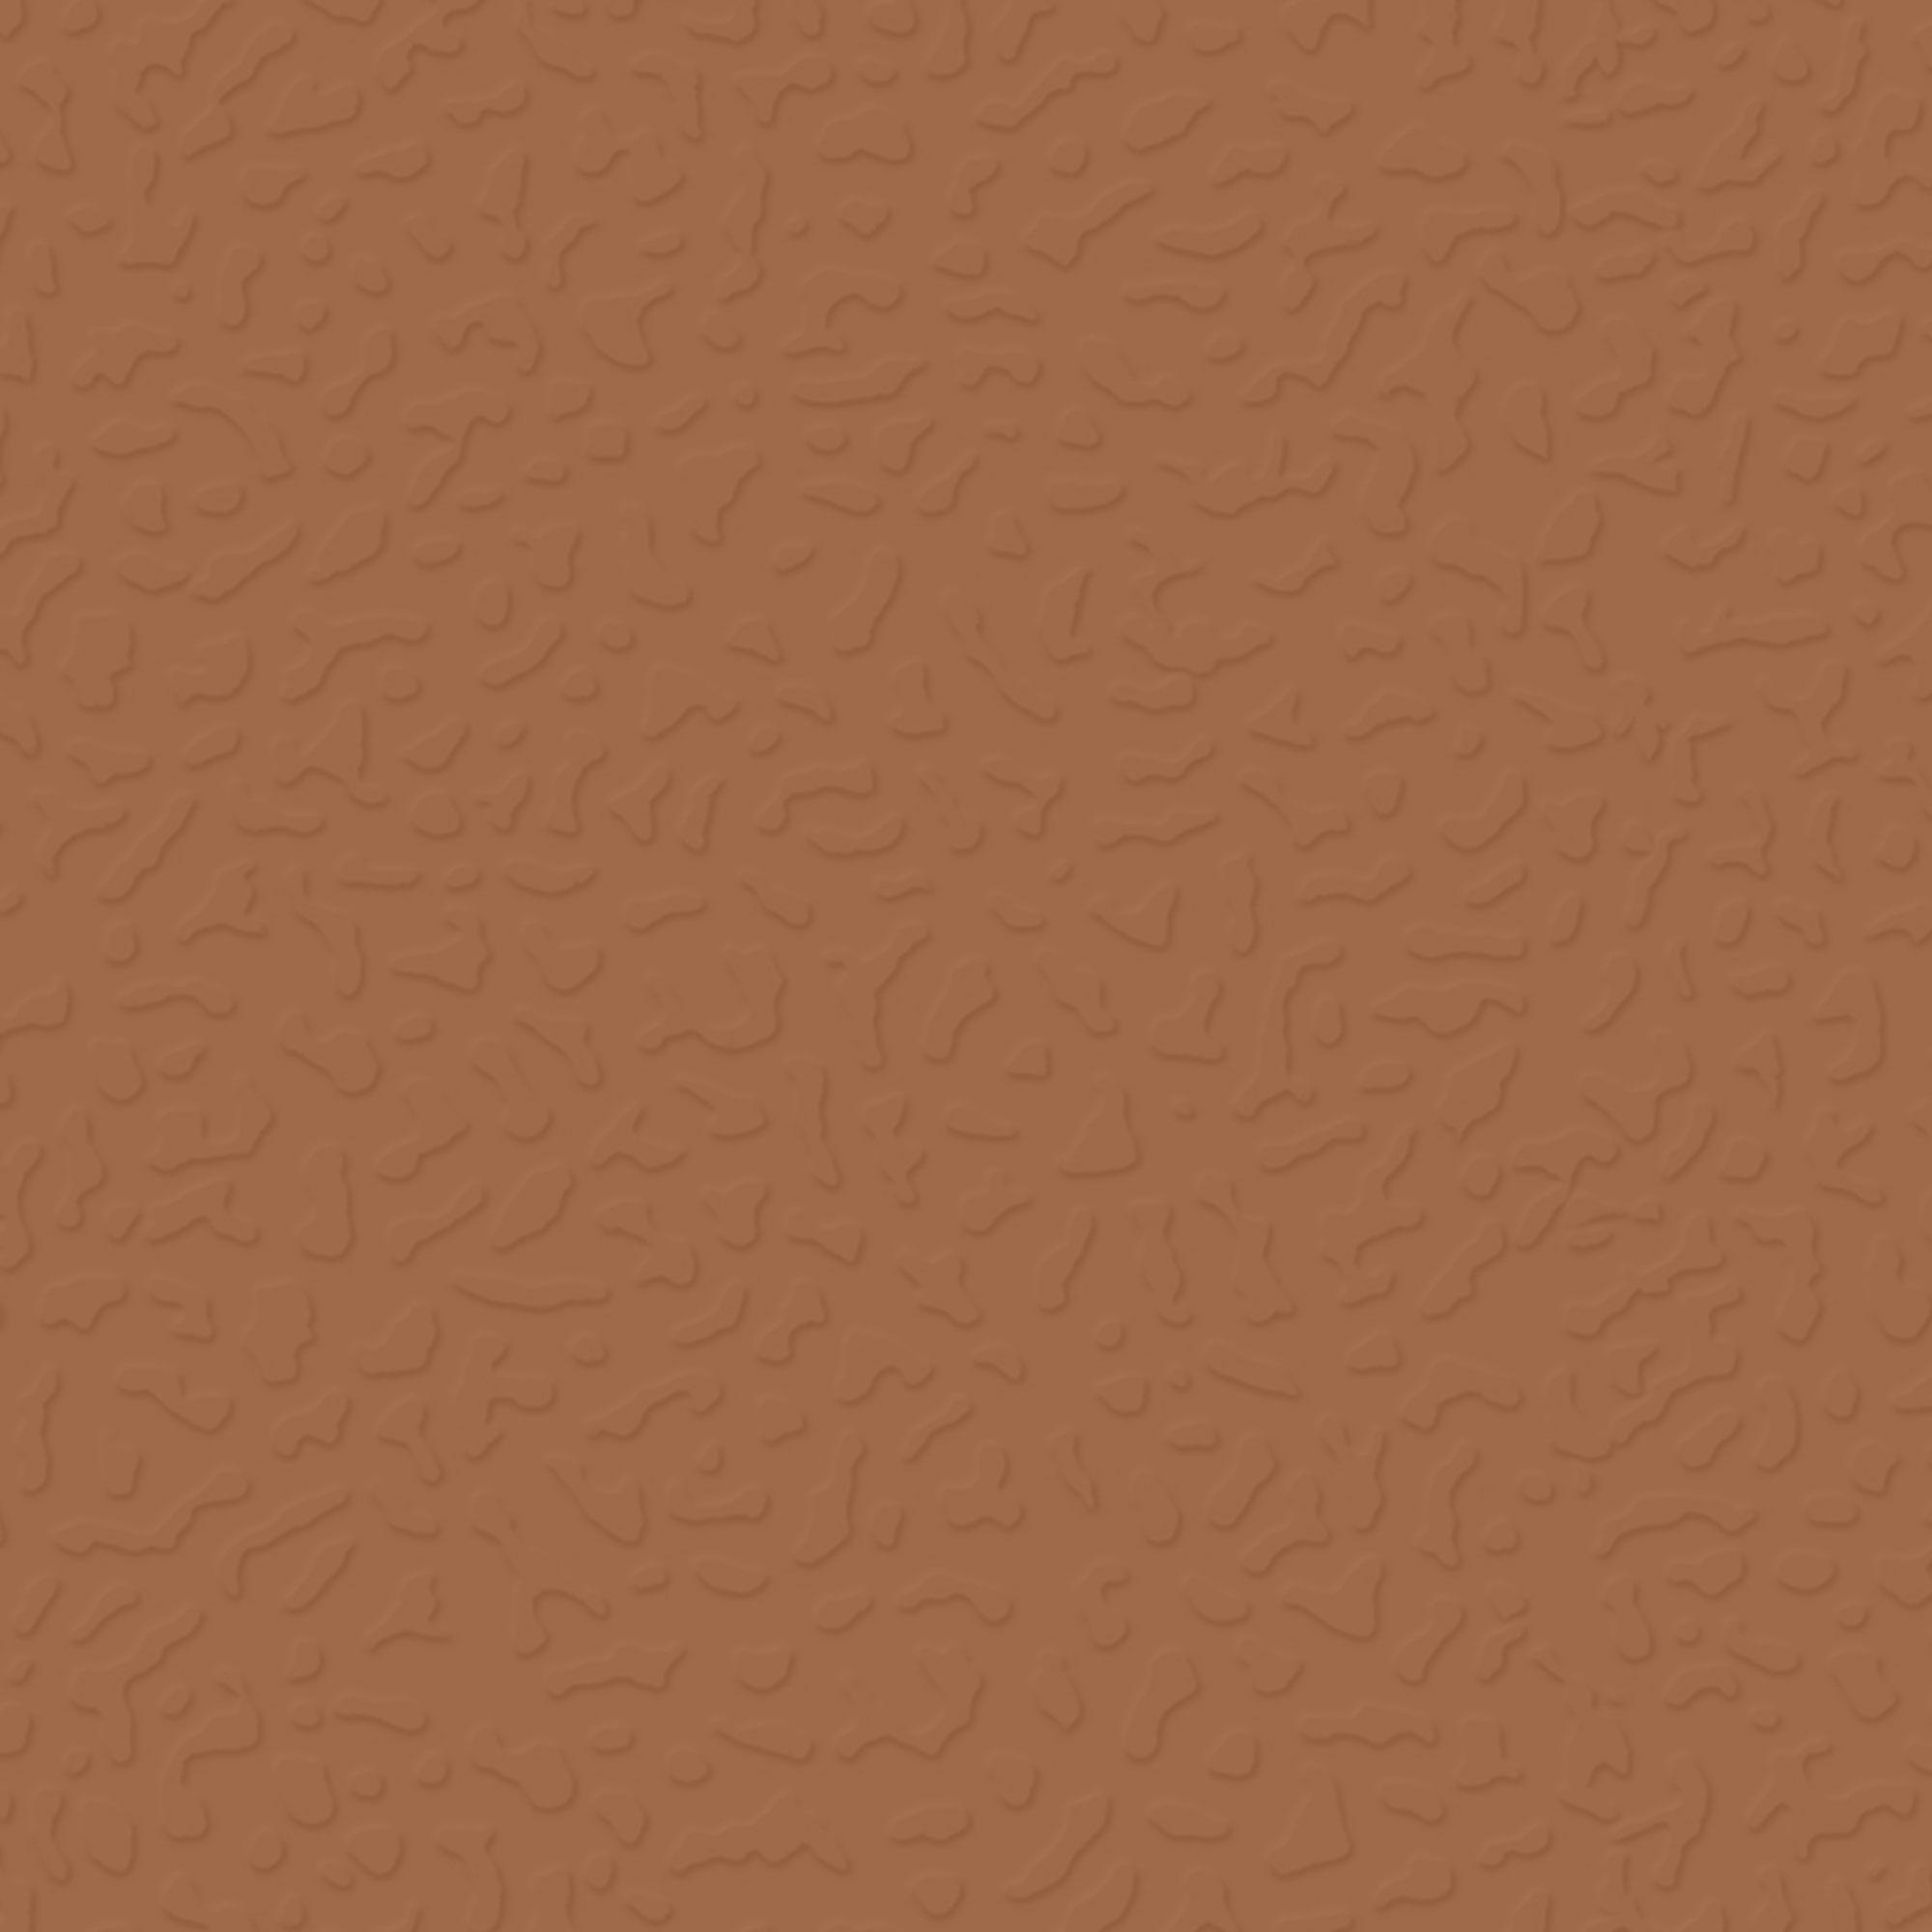 Roppe Rubber Tile 900 - Textured Design (993) Terracotta Rubber Flooring